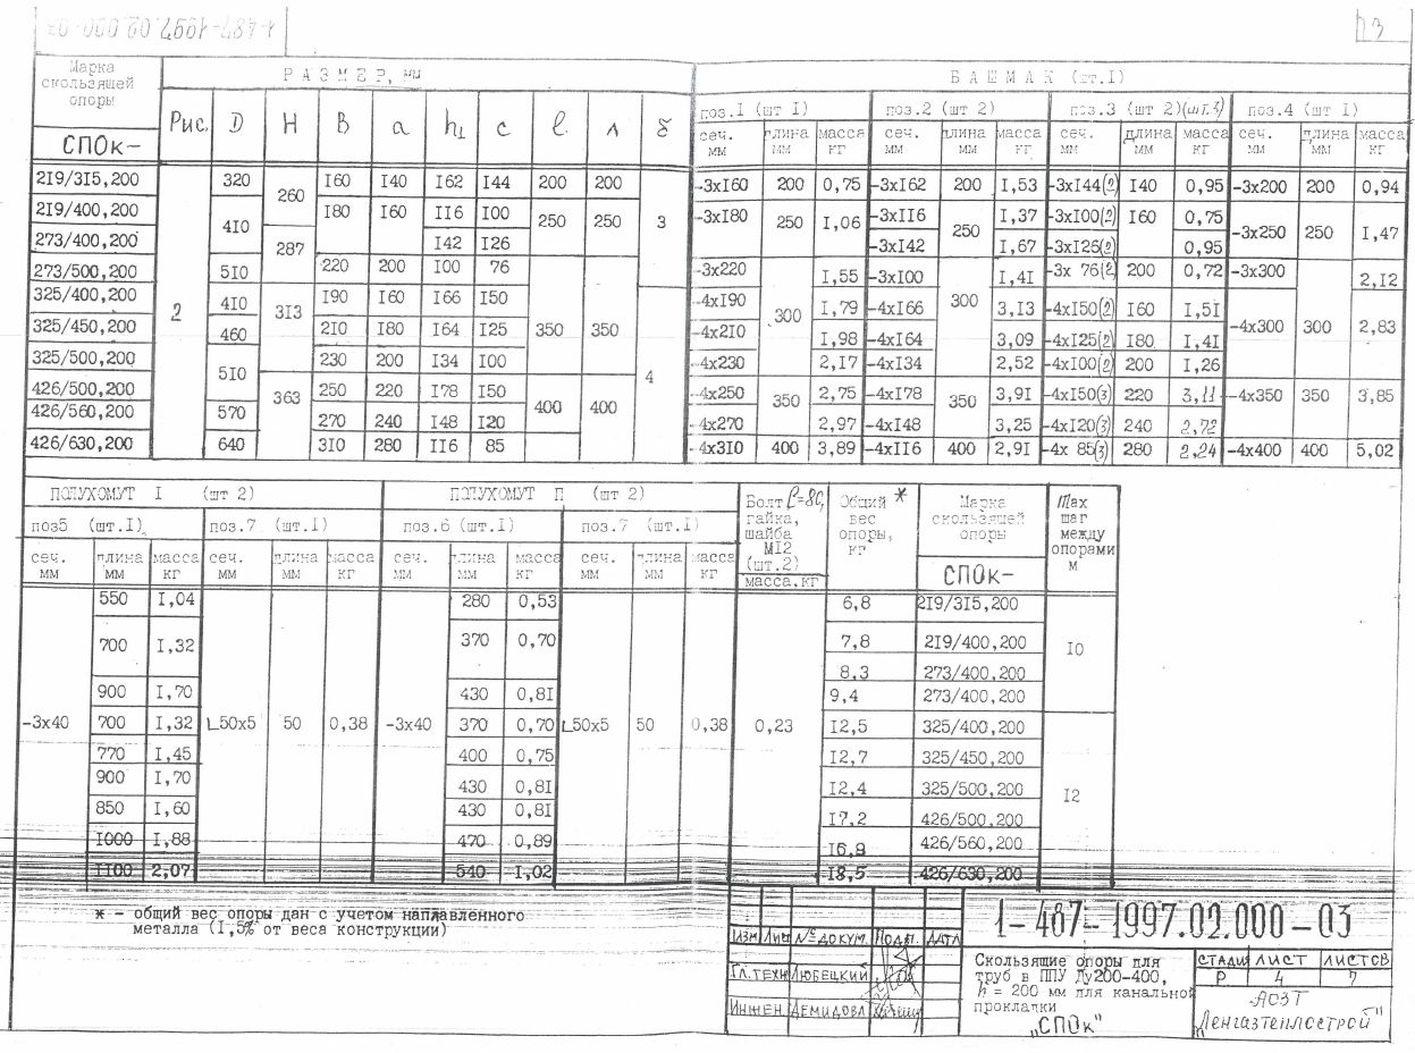 Опора СПОк ТД 1-487-1997.02.000-03 стр.4